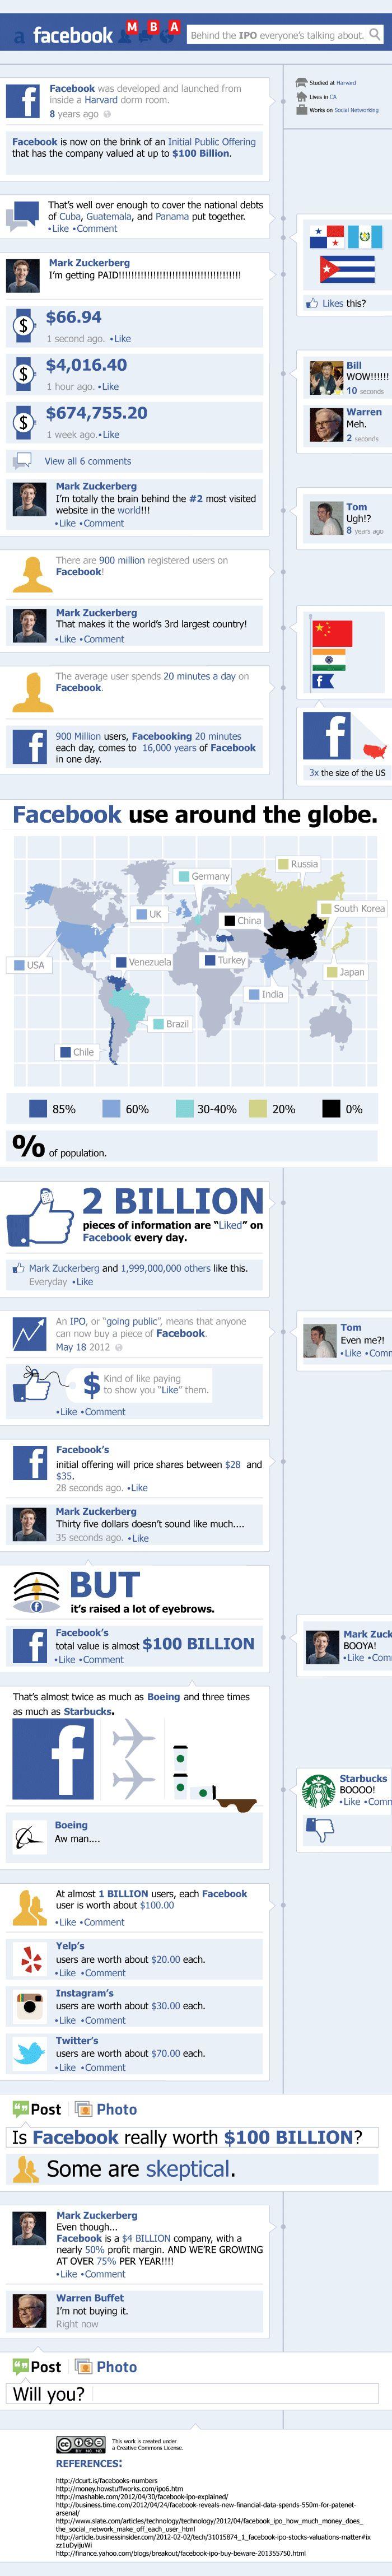 La popular red social de Internet, Facebook, comenzó a cotizar este viernes 18 de mayo en la Bolsa de Nueva York, a un precio inicial de 38 dólares por acción, en la que será la mayor salida a Bolsa de una empresa de Internet. El precio por acción se había fijado inicialmente entre los 28 y los 35 dólares, sin embargo la demanda de inversores ha provocado que el rango estimado se elevara hasta los 34-38 dólares. A través de un desplegado NY dio la bienvenida de la acción al Nasdaq, índice de…